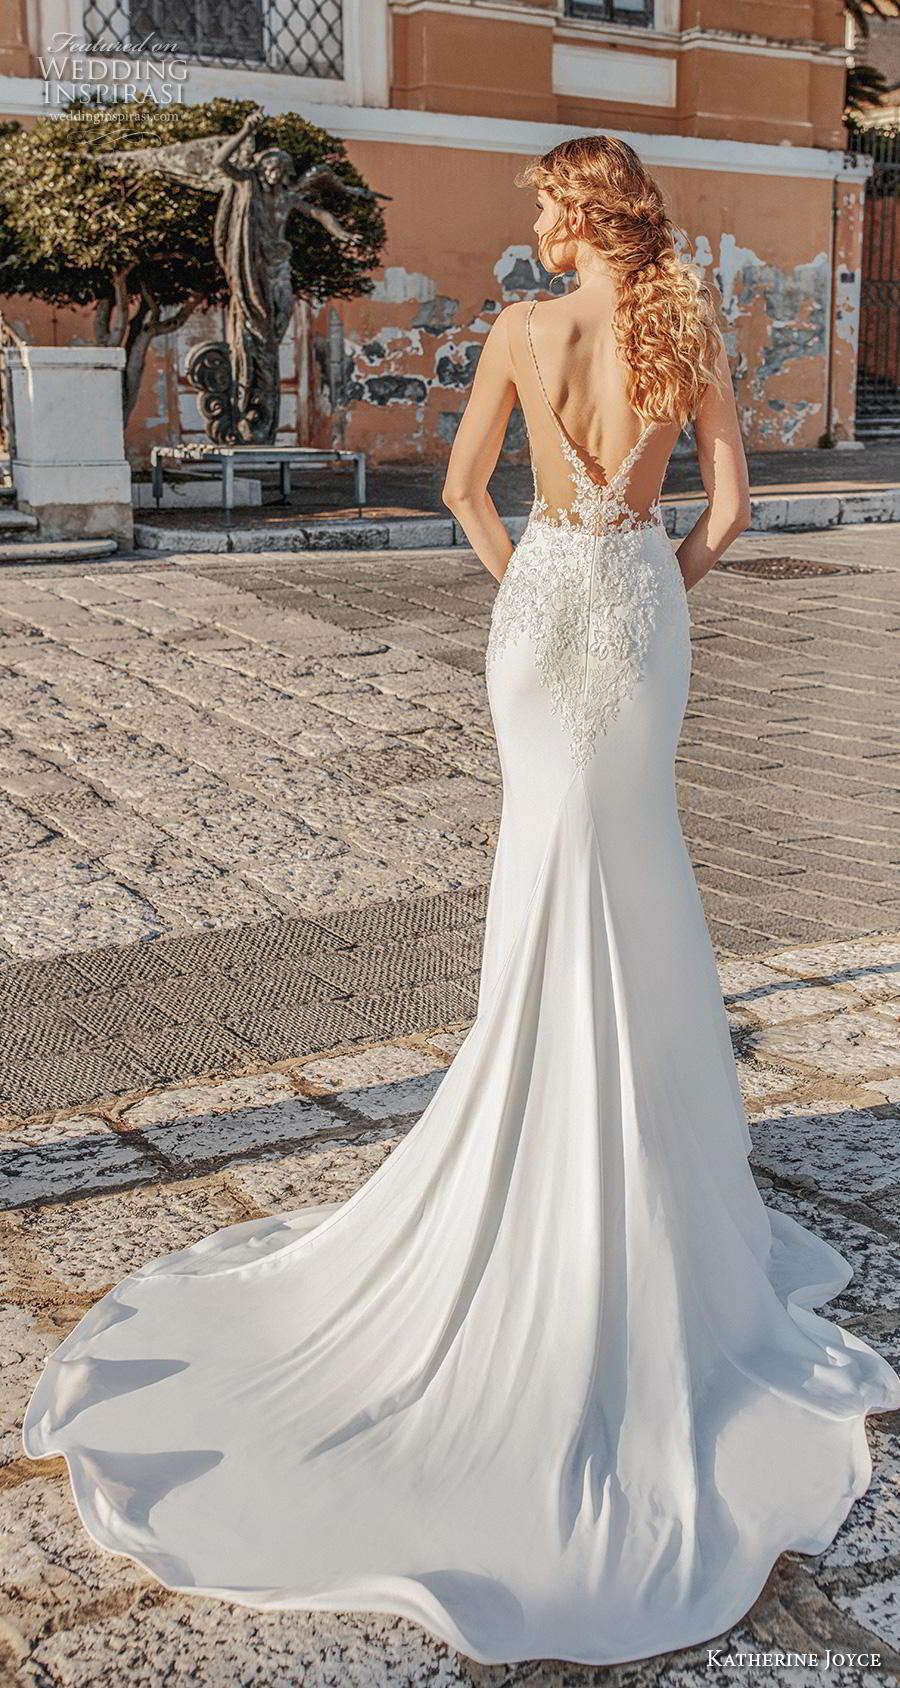 katherine joyce 2019 bridal sleeveless deep plunging v neck heavily embellished bodice elegant sheath wedding dress v back medium train (4) bv